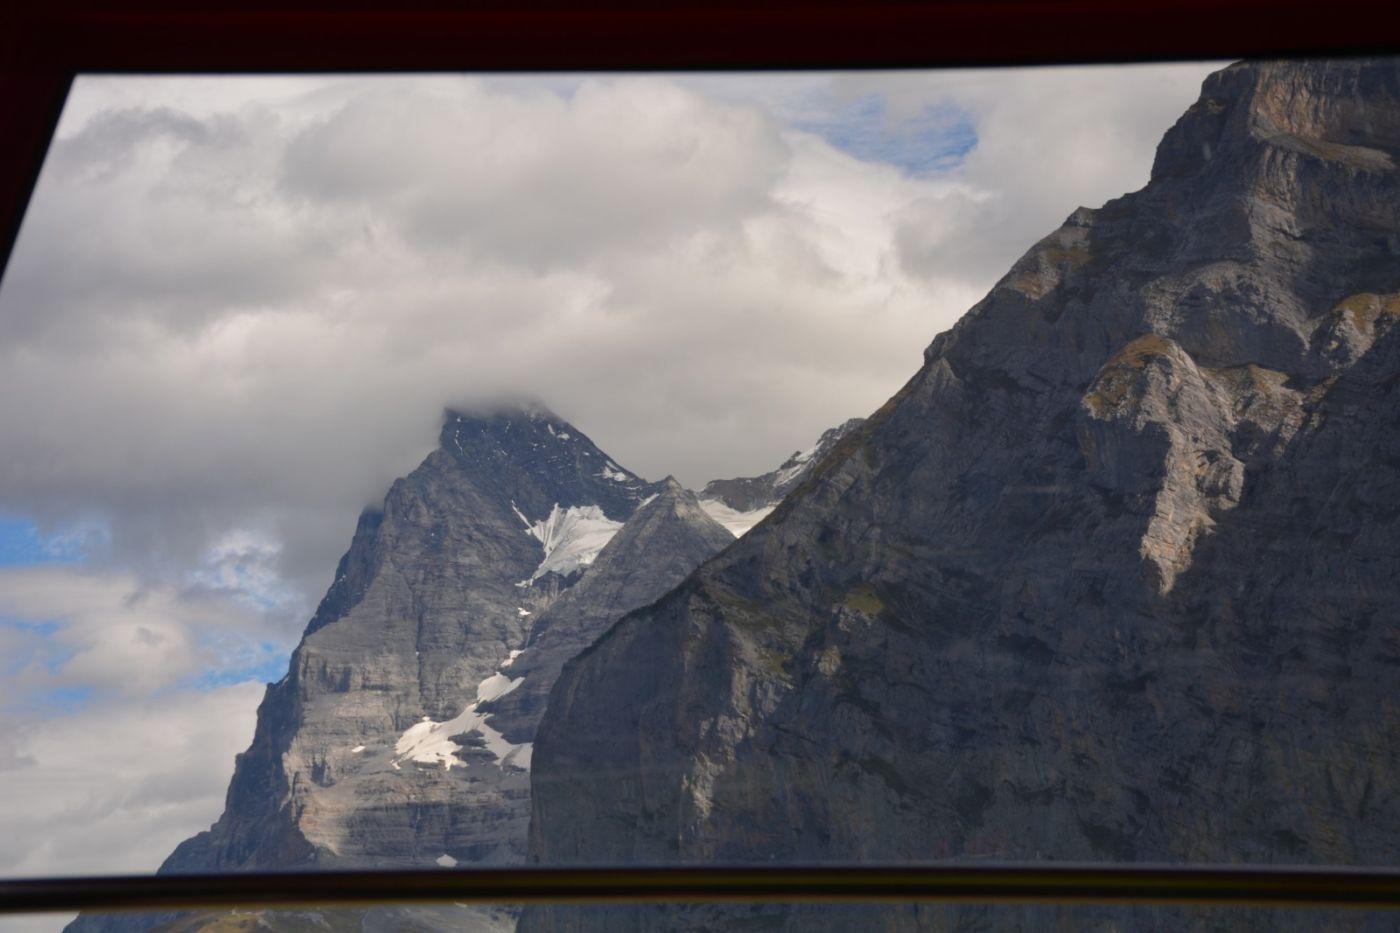 登上阿尔卑斯山遥望少女、勃朗峰_图1-27